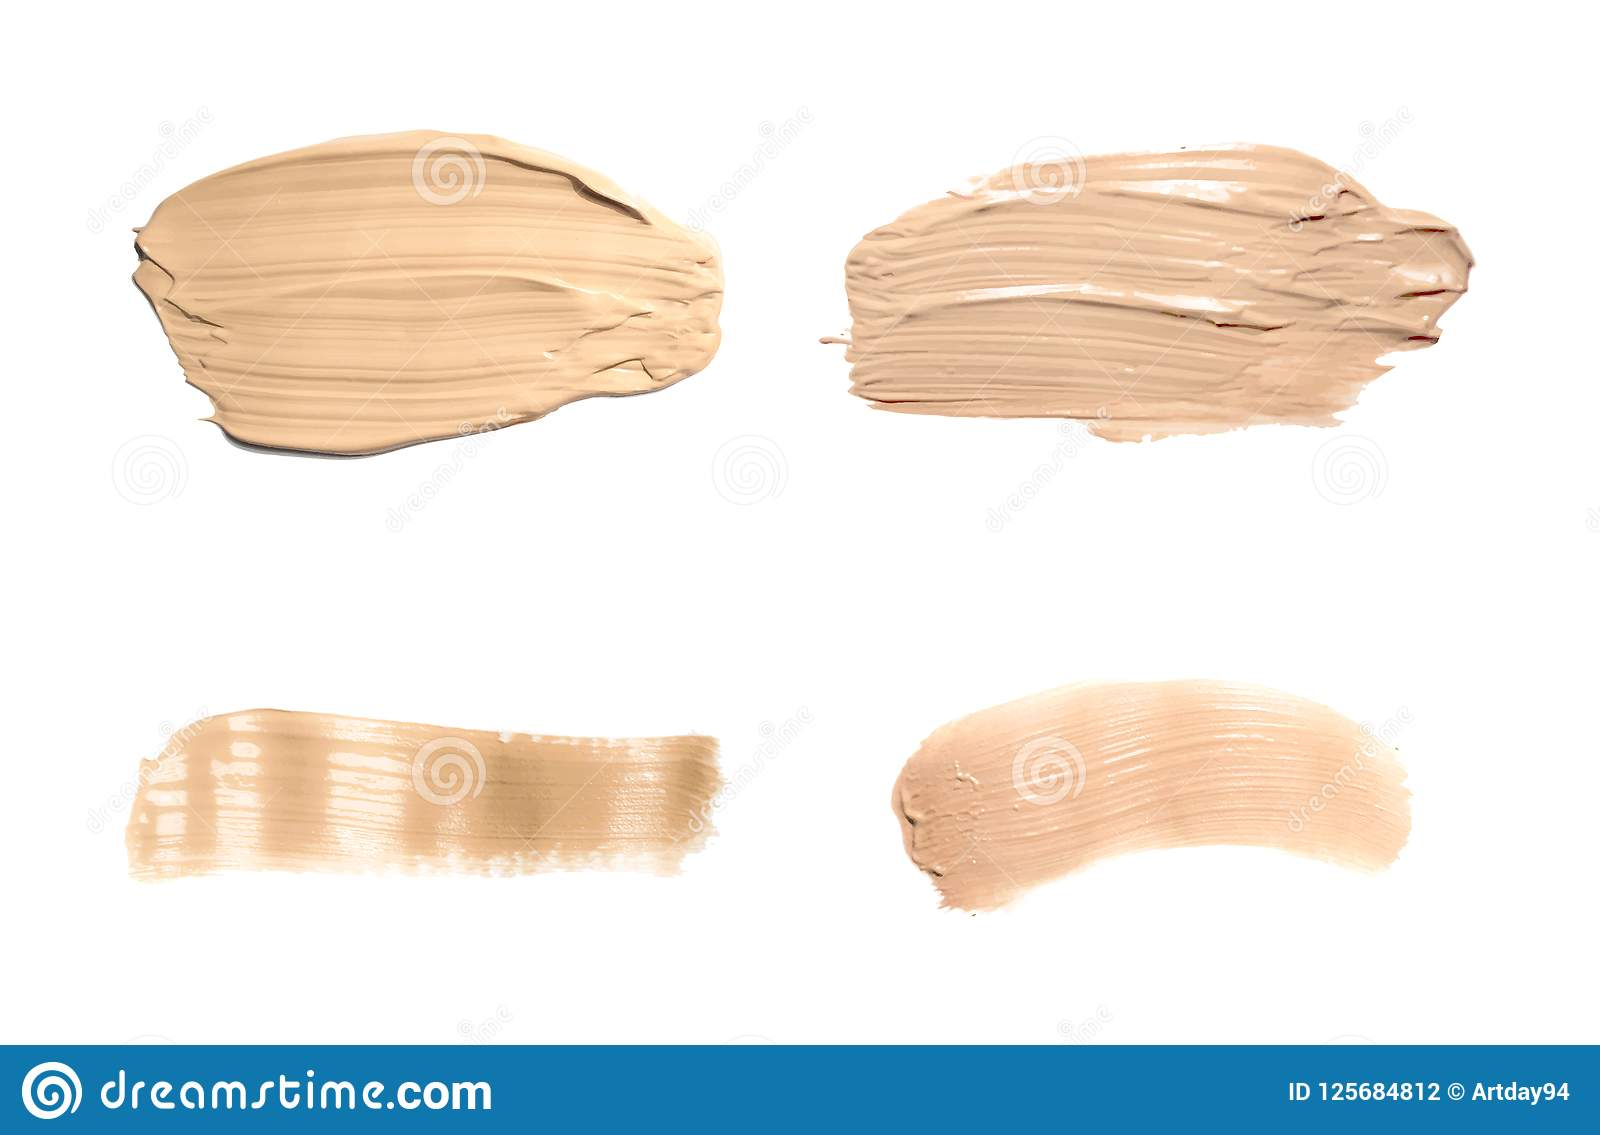 Ustawia concealer rozmazu kosmetyczną śmietankę odizolowywającą na bielu Ciekła fundacyjna brzmienie śmietanka smudged, brązu ude